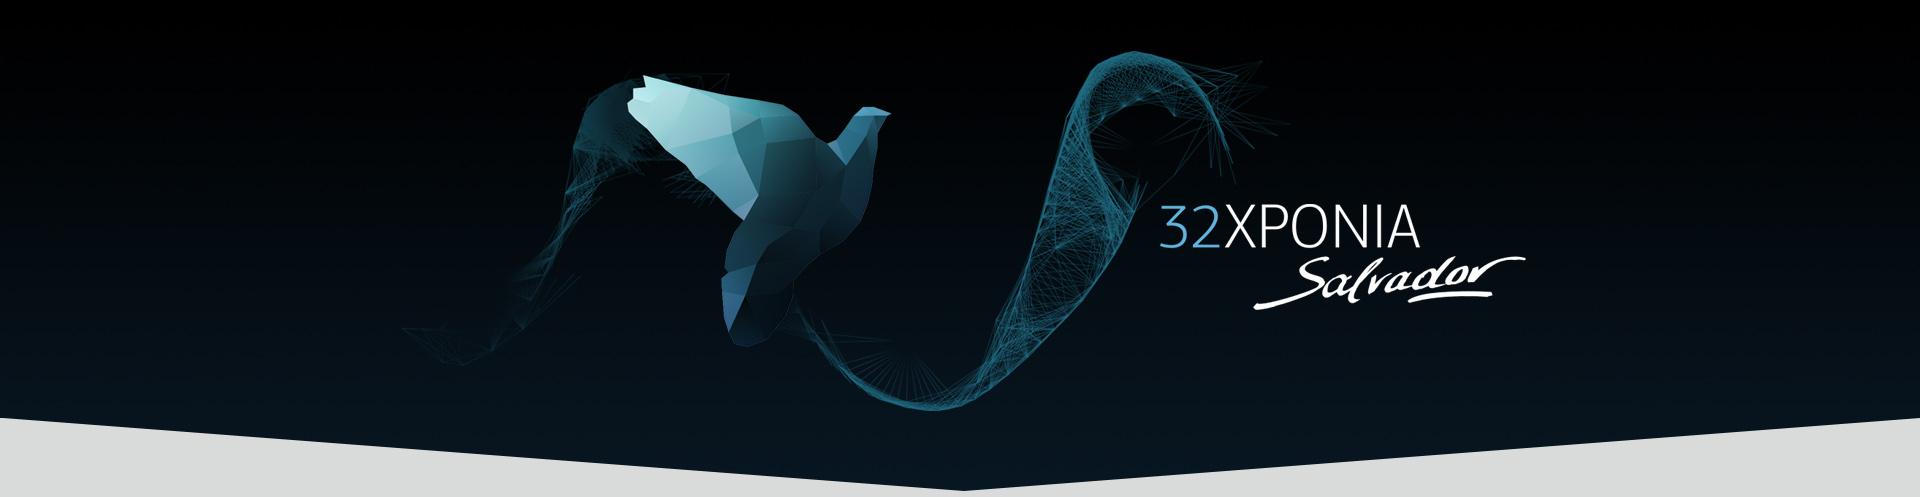 main-header-32